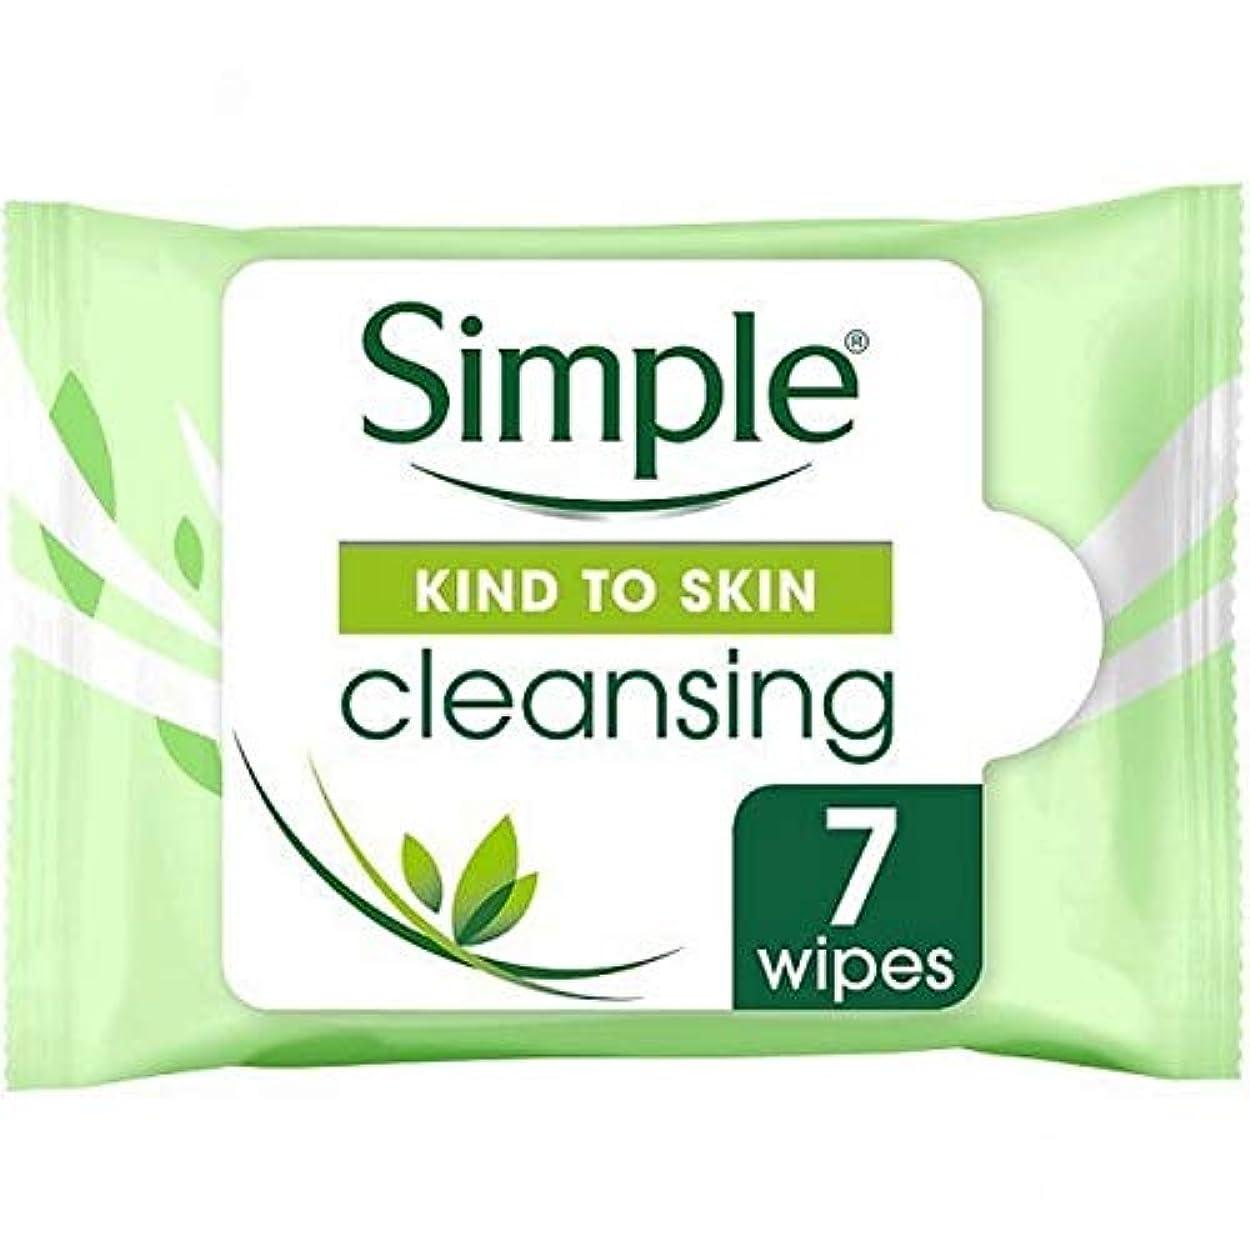 小切手自己通信する[Simple ] 顔のワイプの7Sクレンジング肌への単純な種類 - Simple Kind To Skin Cleansing Facial Wipes 7s [並行輸入品]